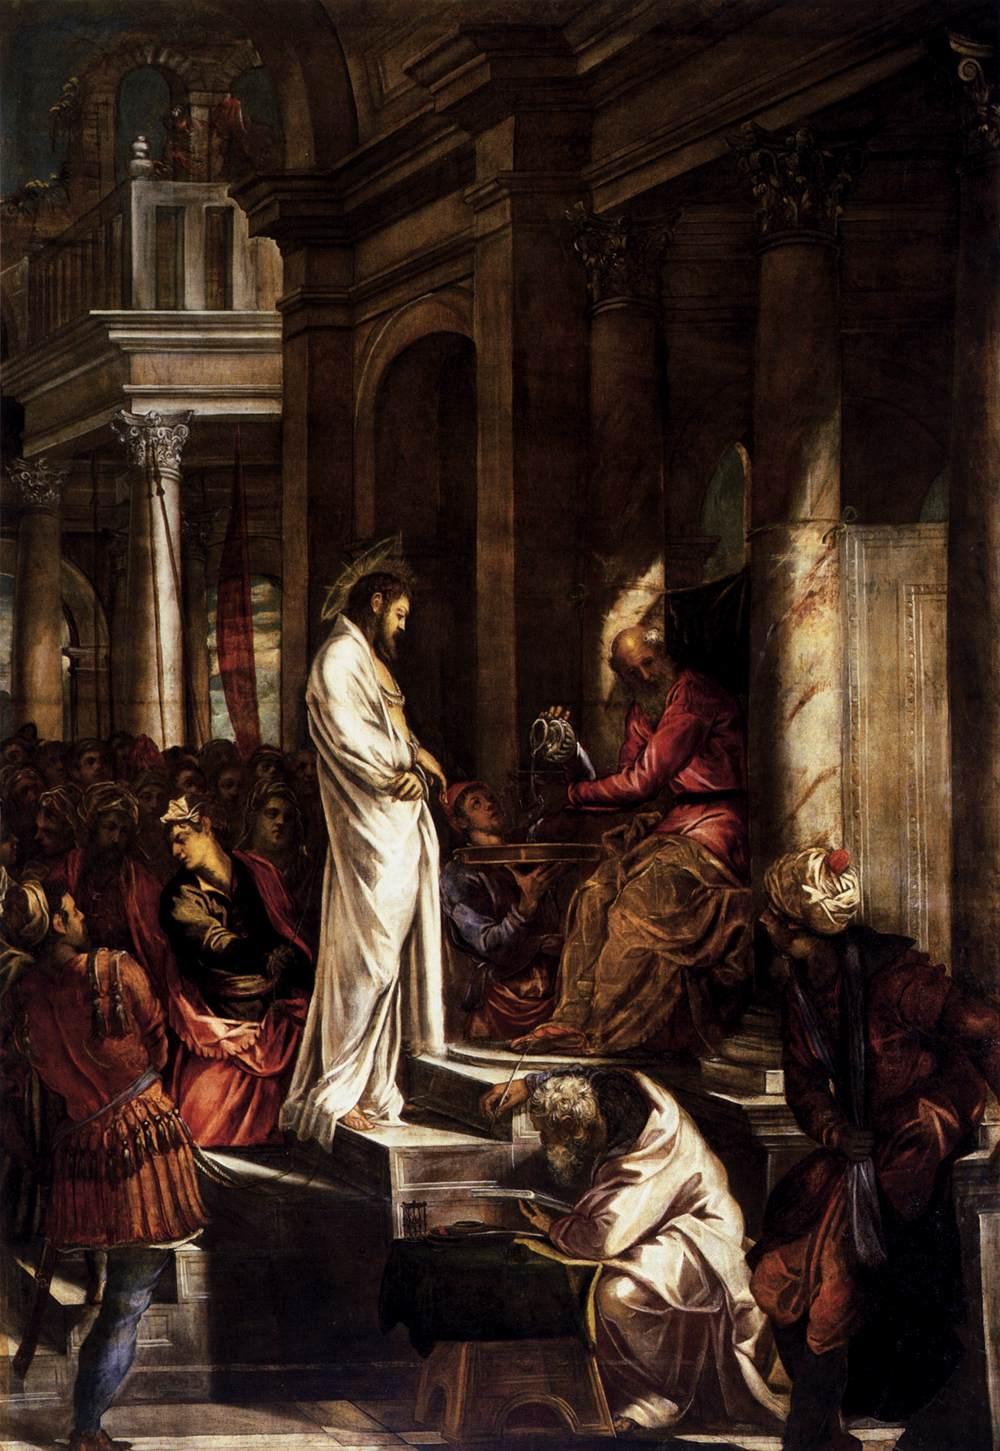 Christ Pilate procès soldats foule regard refuse salle drapé blanc Le Tintoret